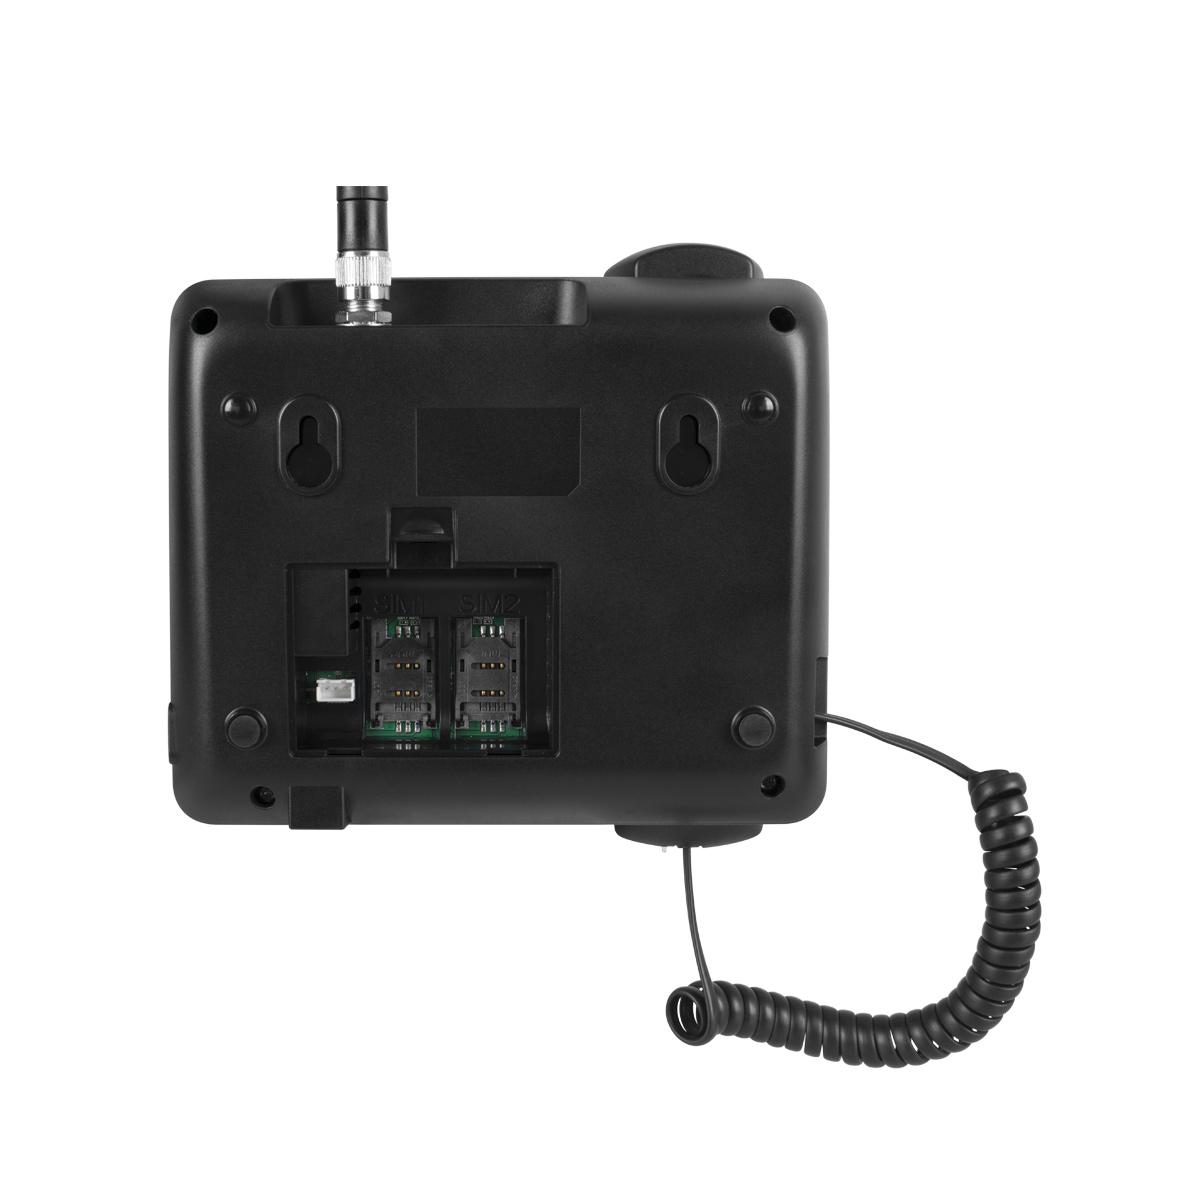 Celular Fixo de Longo Alcance Dual Chip CF 5002 - Intelbras  - ShopNoroeste.com.br